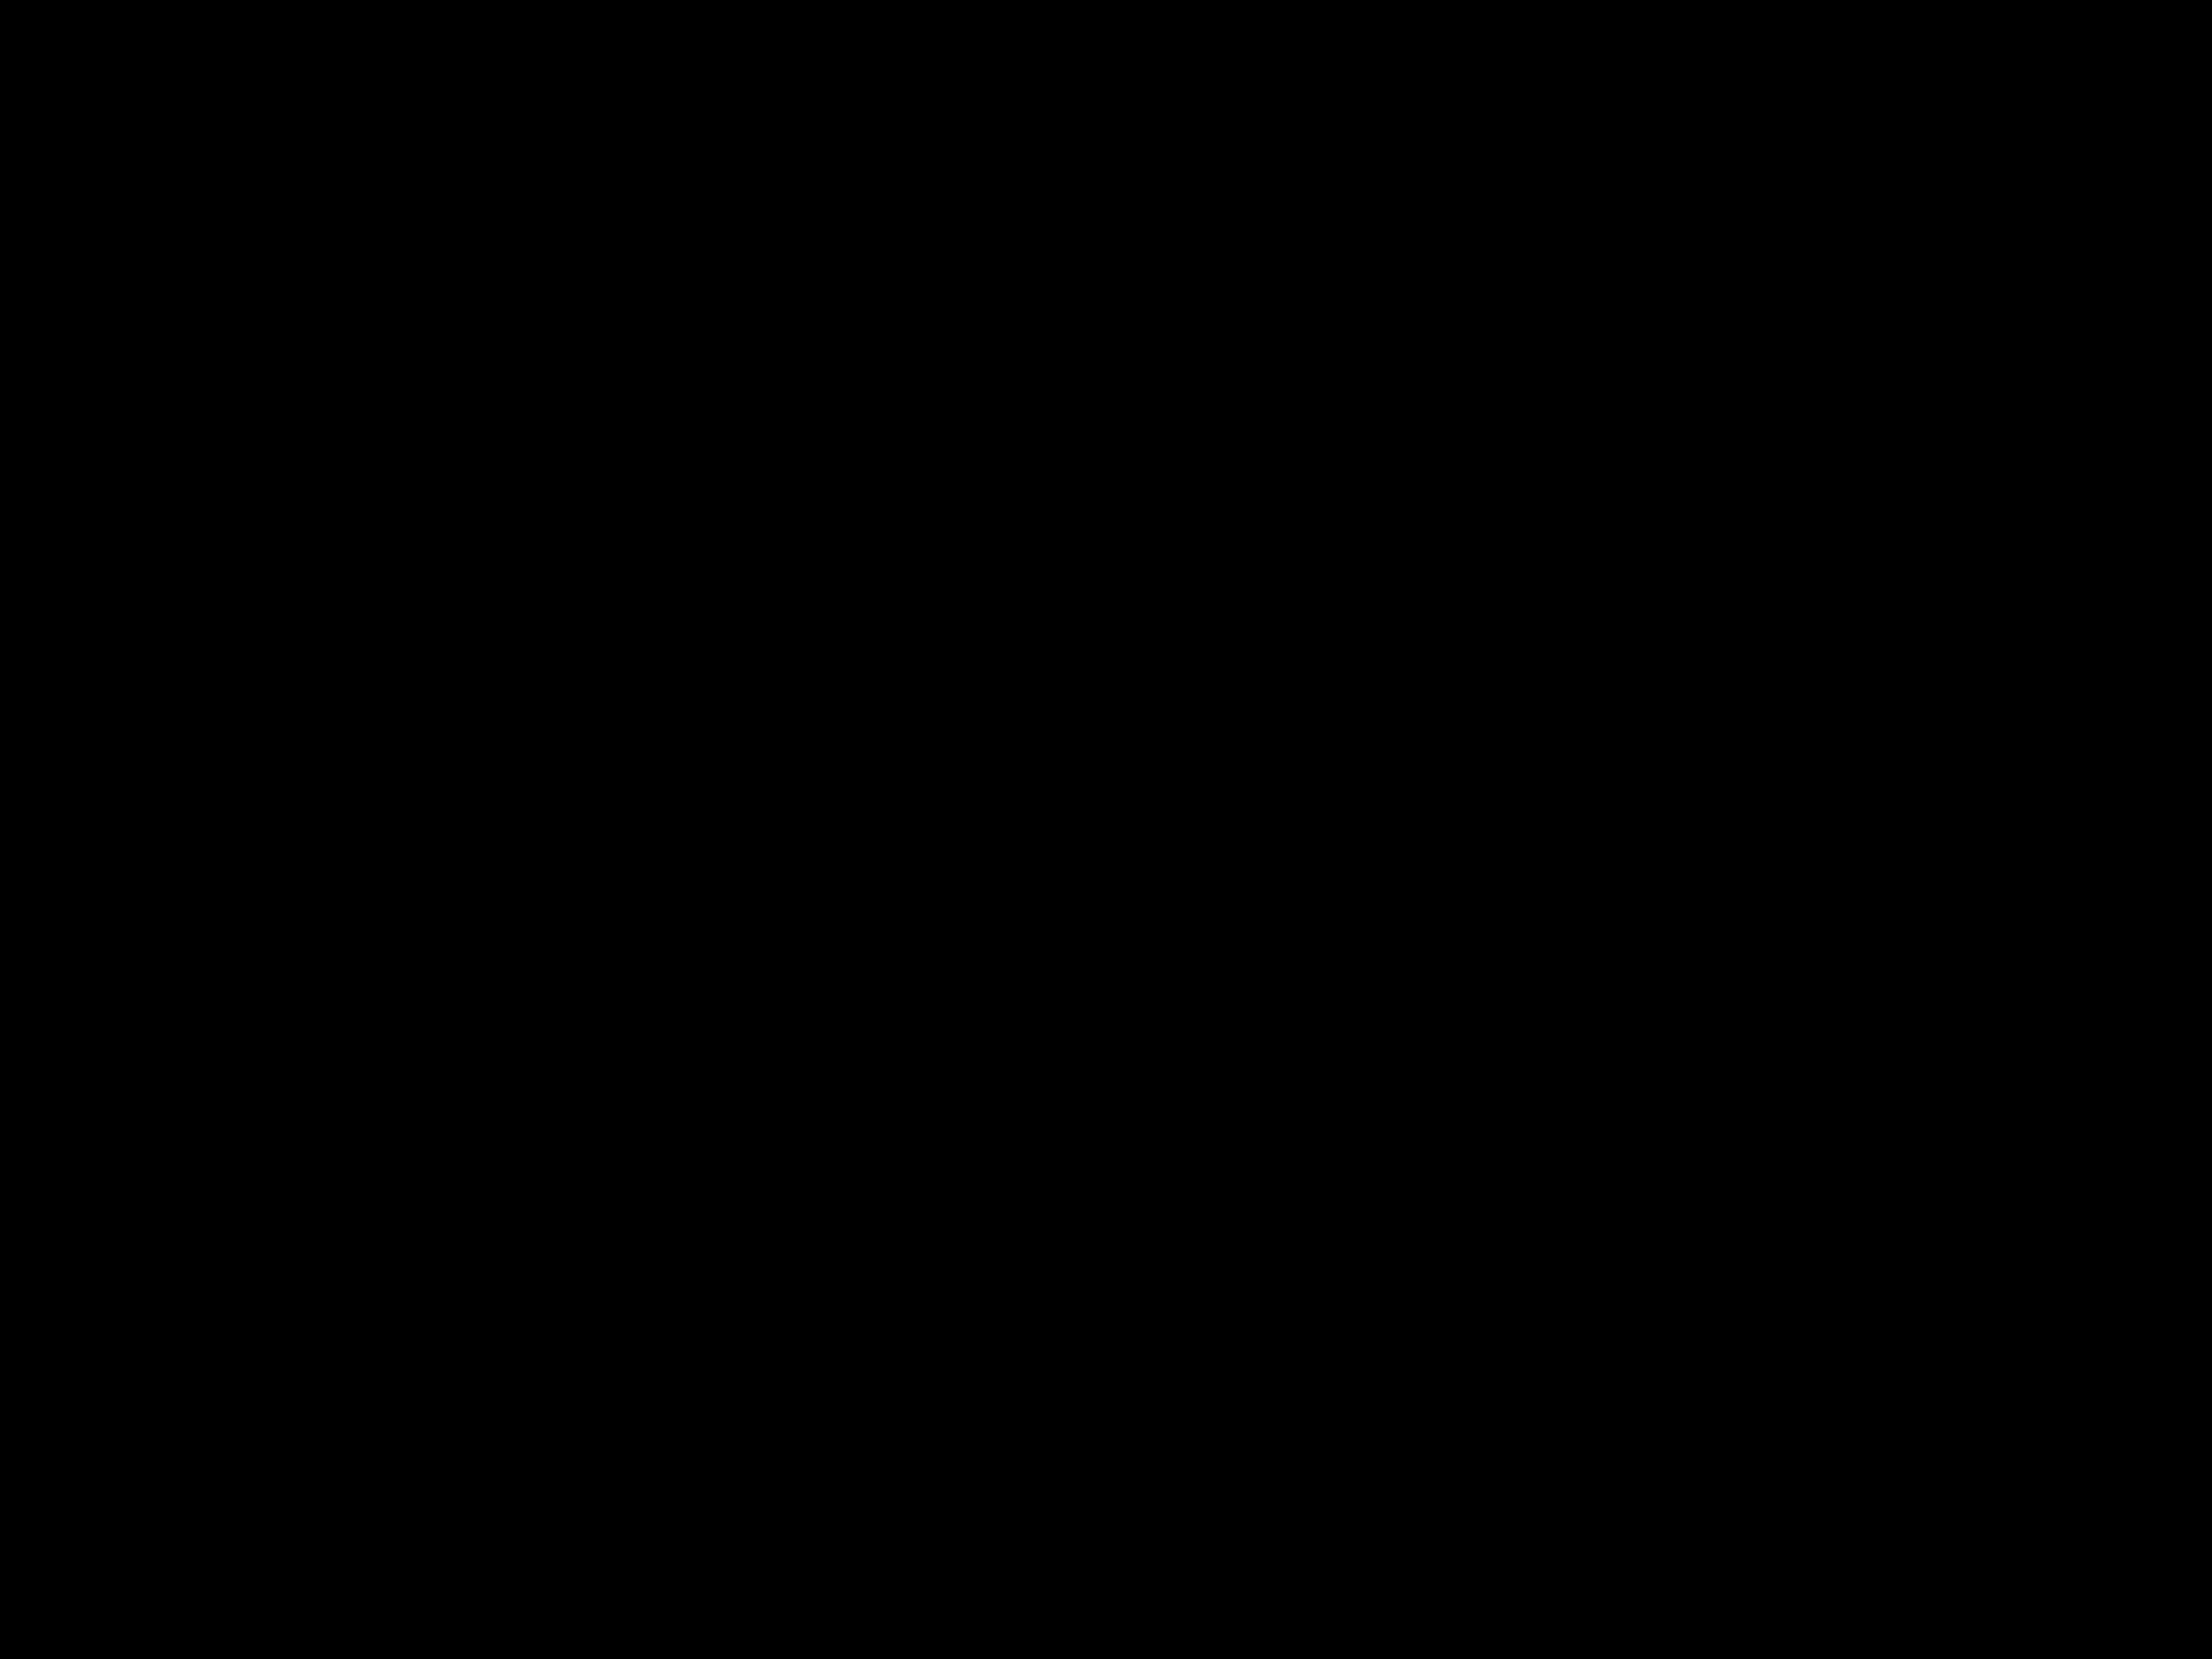 Früchte Malvorlagen zum Ausmalen für Kinder